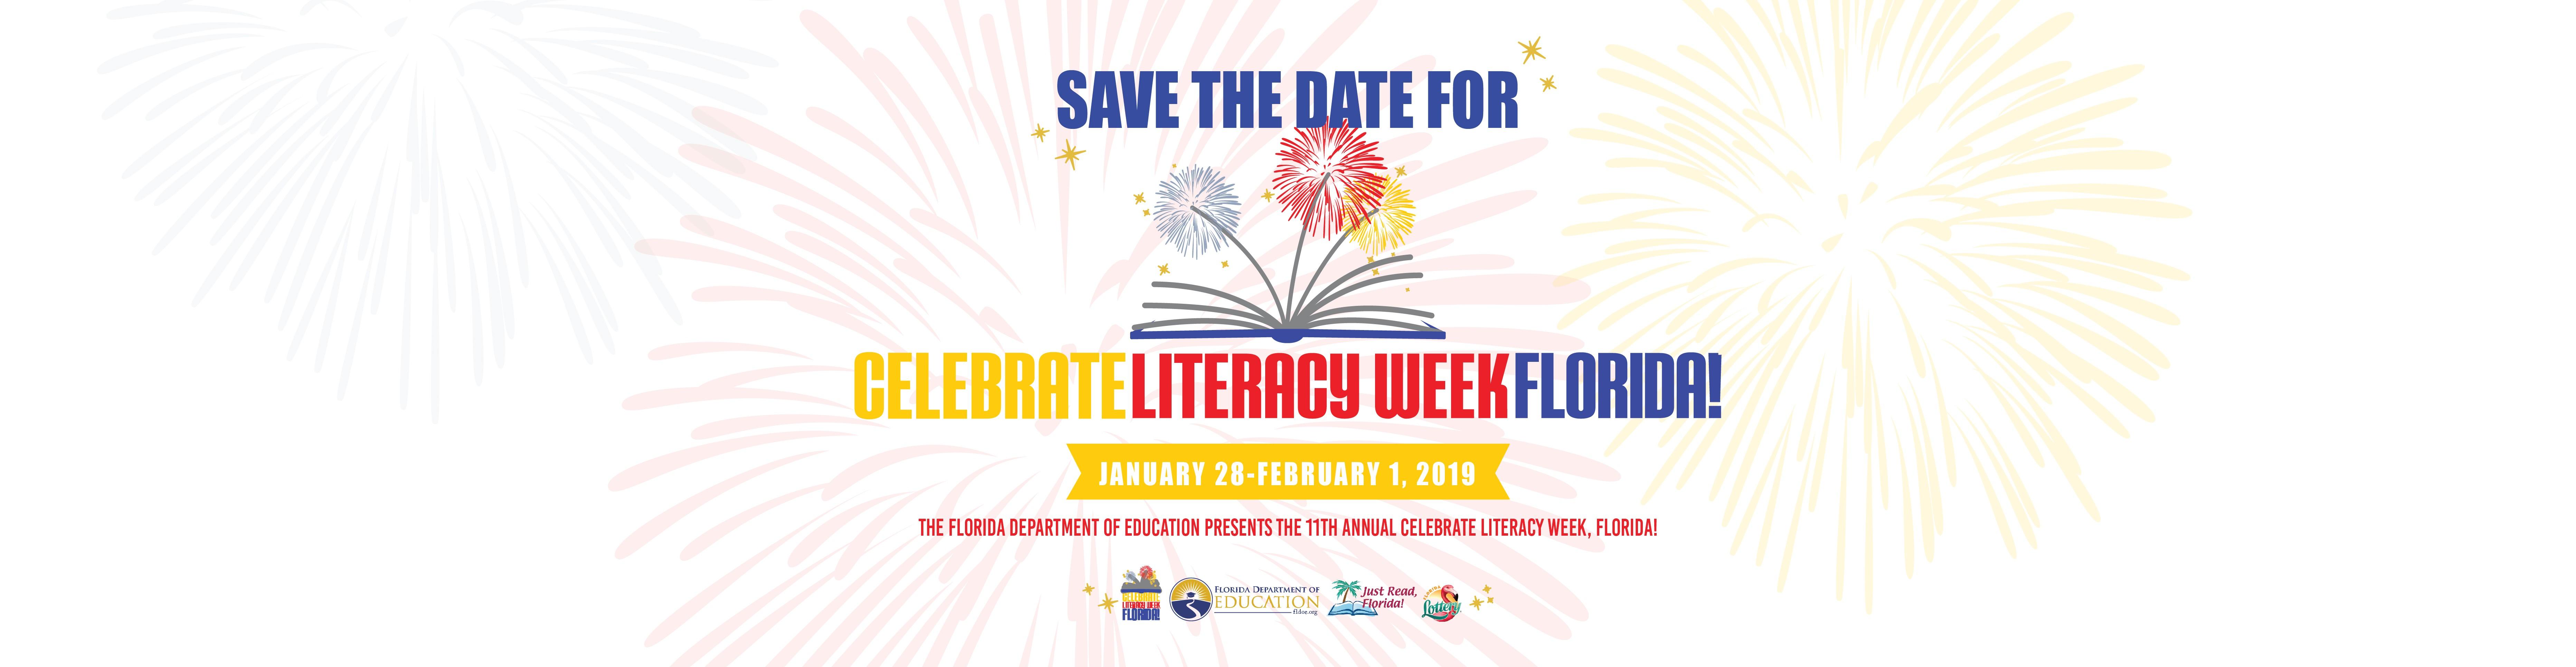 Calendario Escolar 2019 Educaragon Actual Florida Department Education